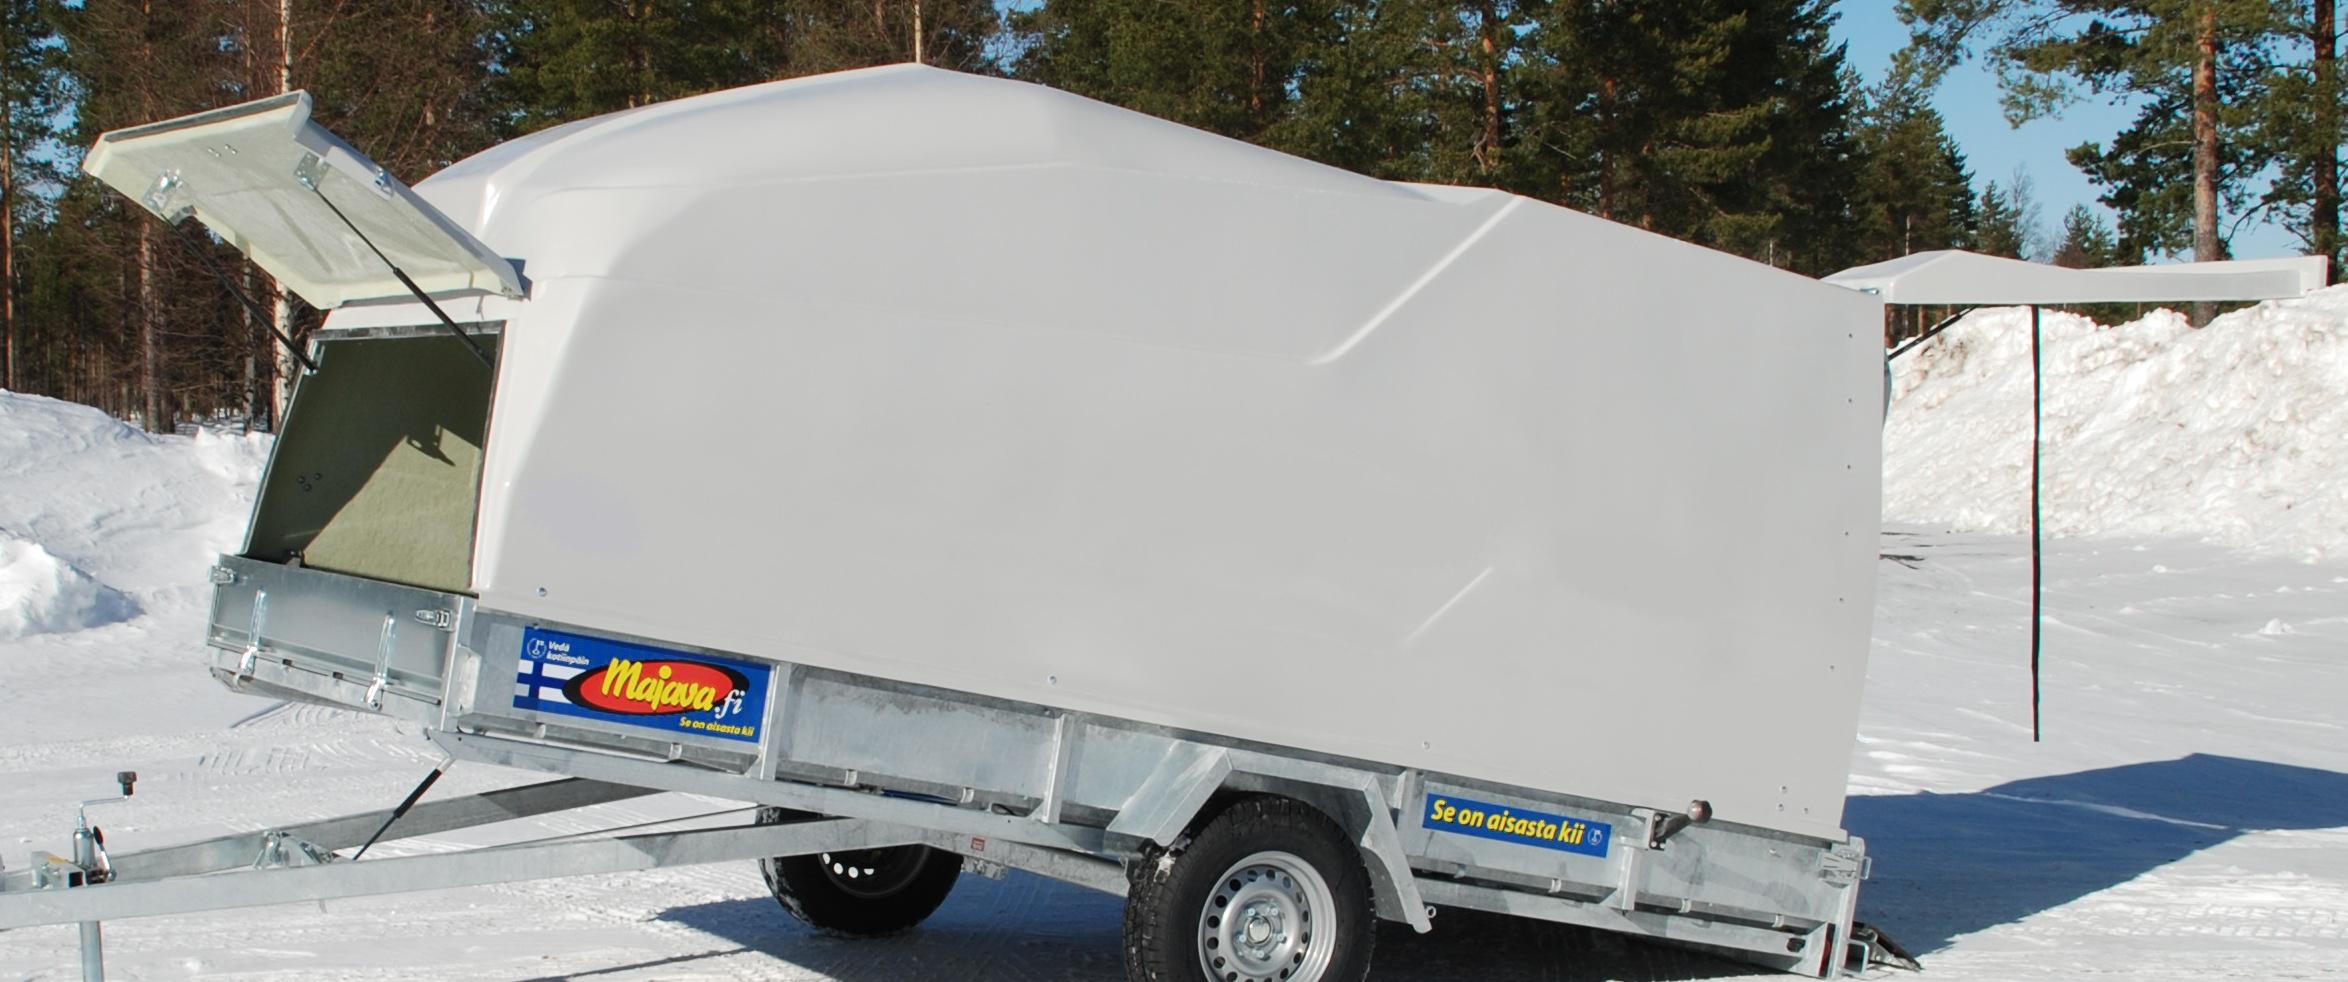 glasfiberkåpa till släpvagn